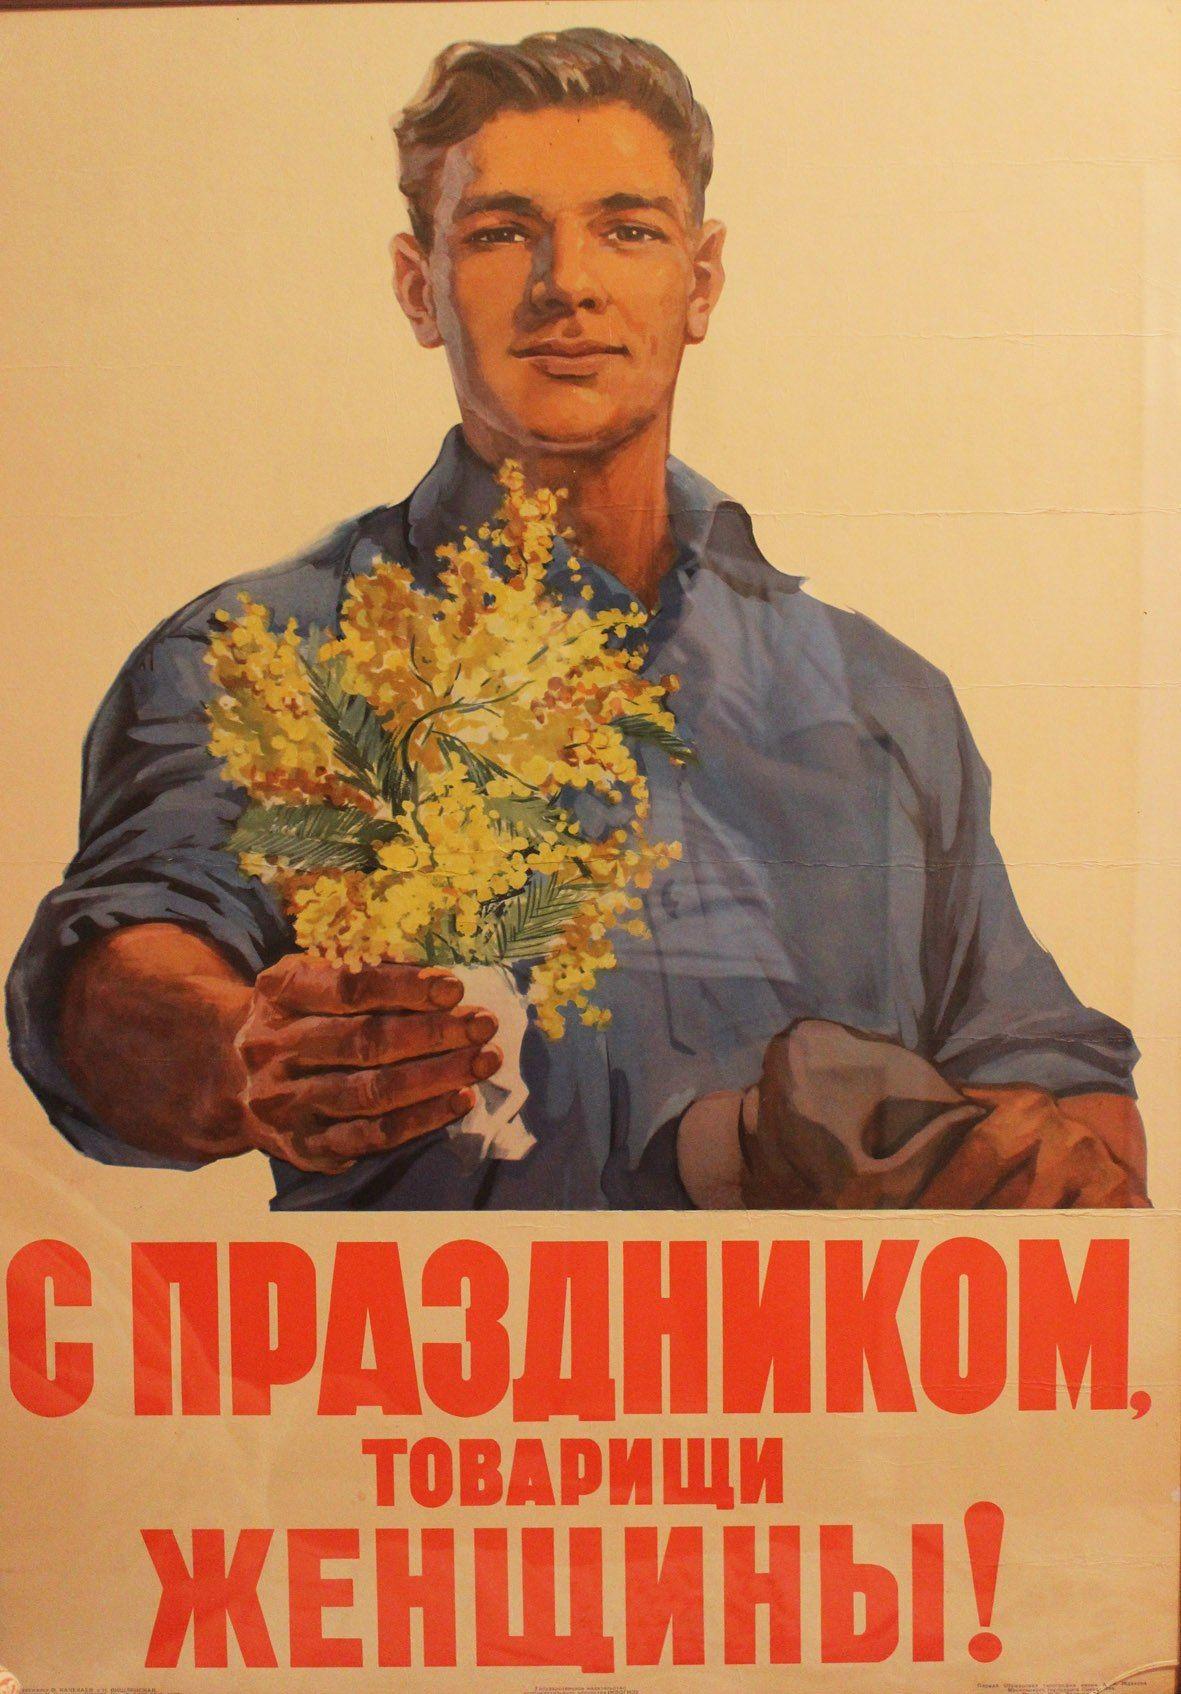 Дед мороз, слоган на открытке